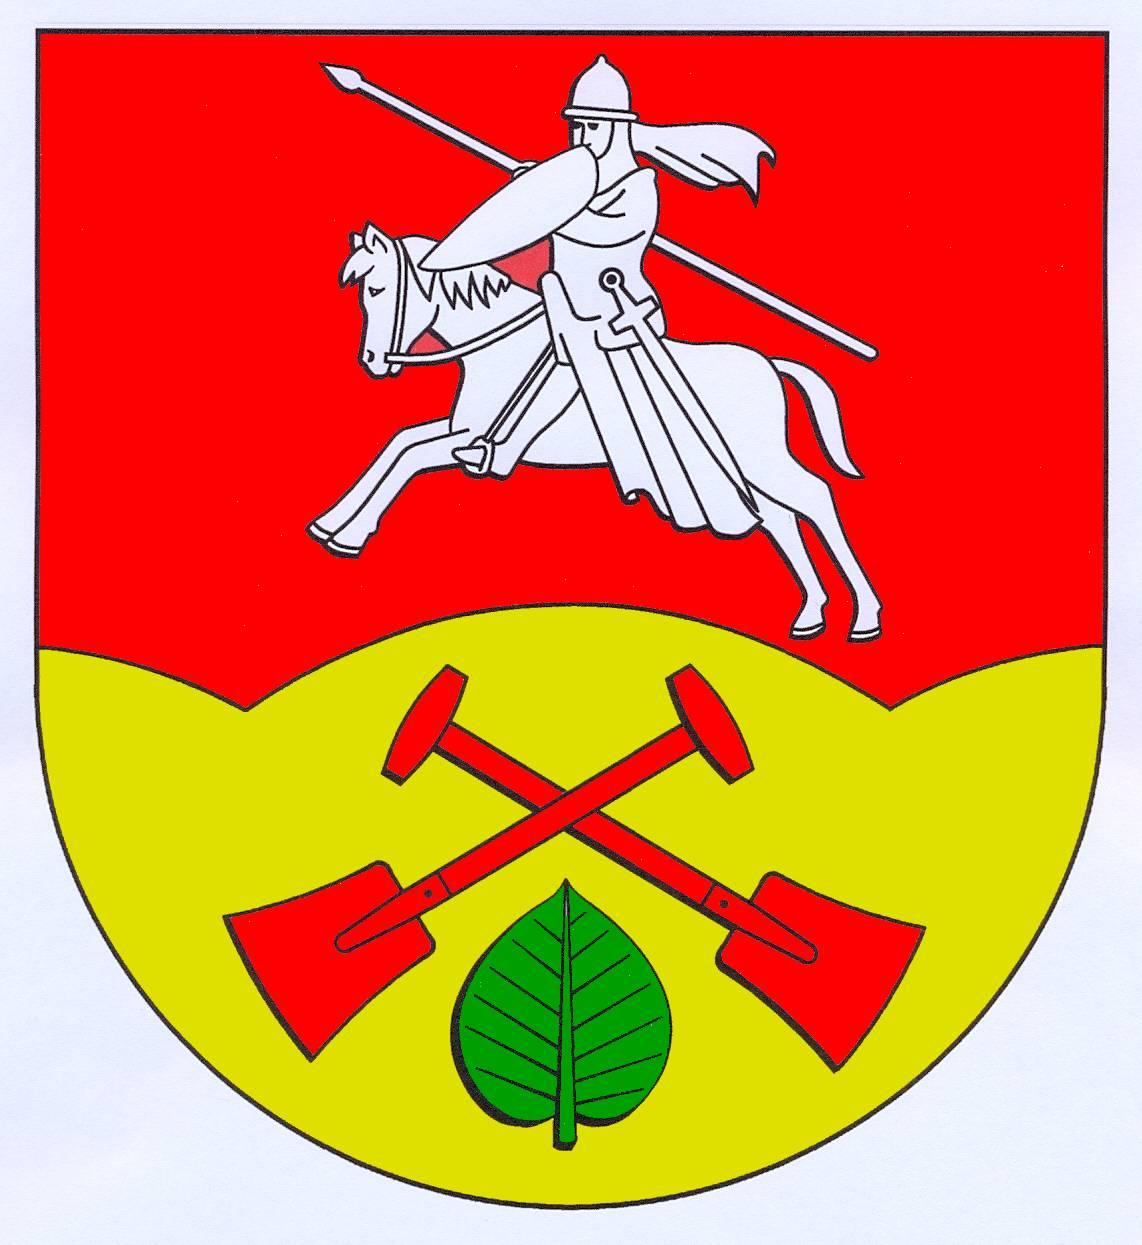 Wappen GemeindeMittelangeln, Kreis Schleswig-Flensburg